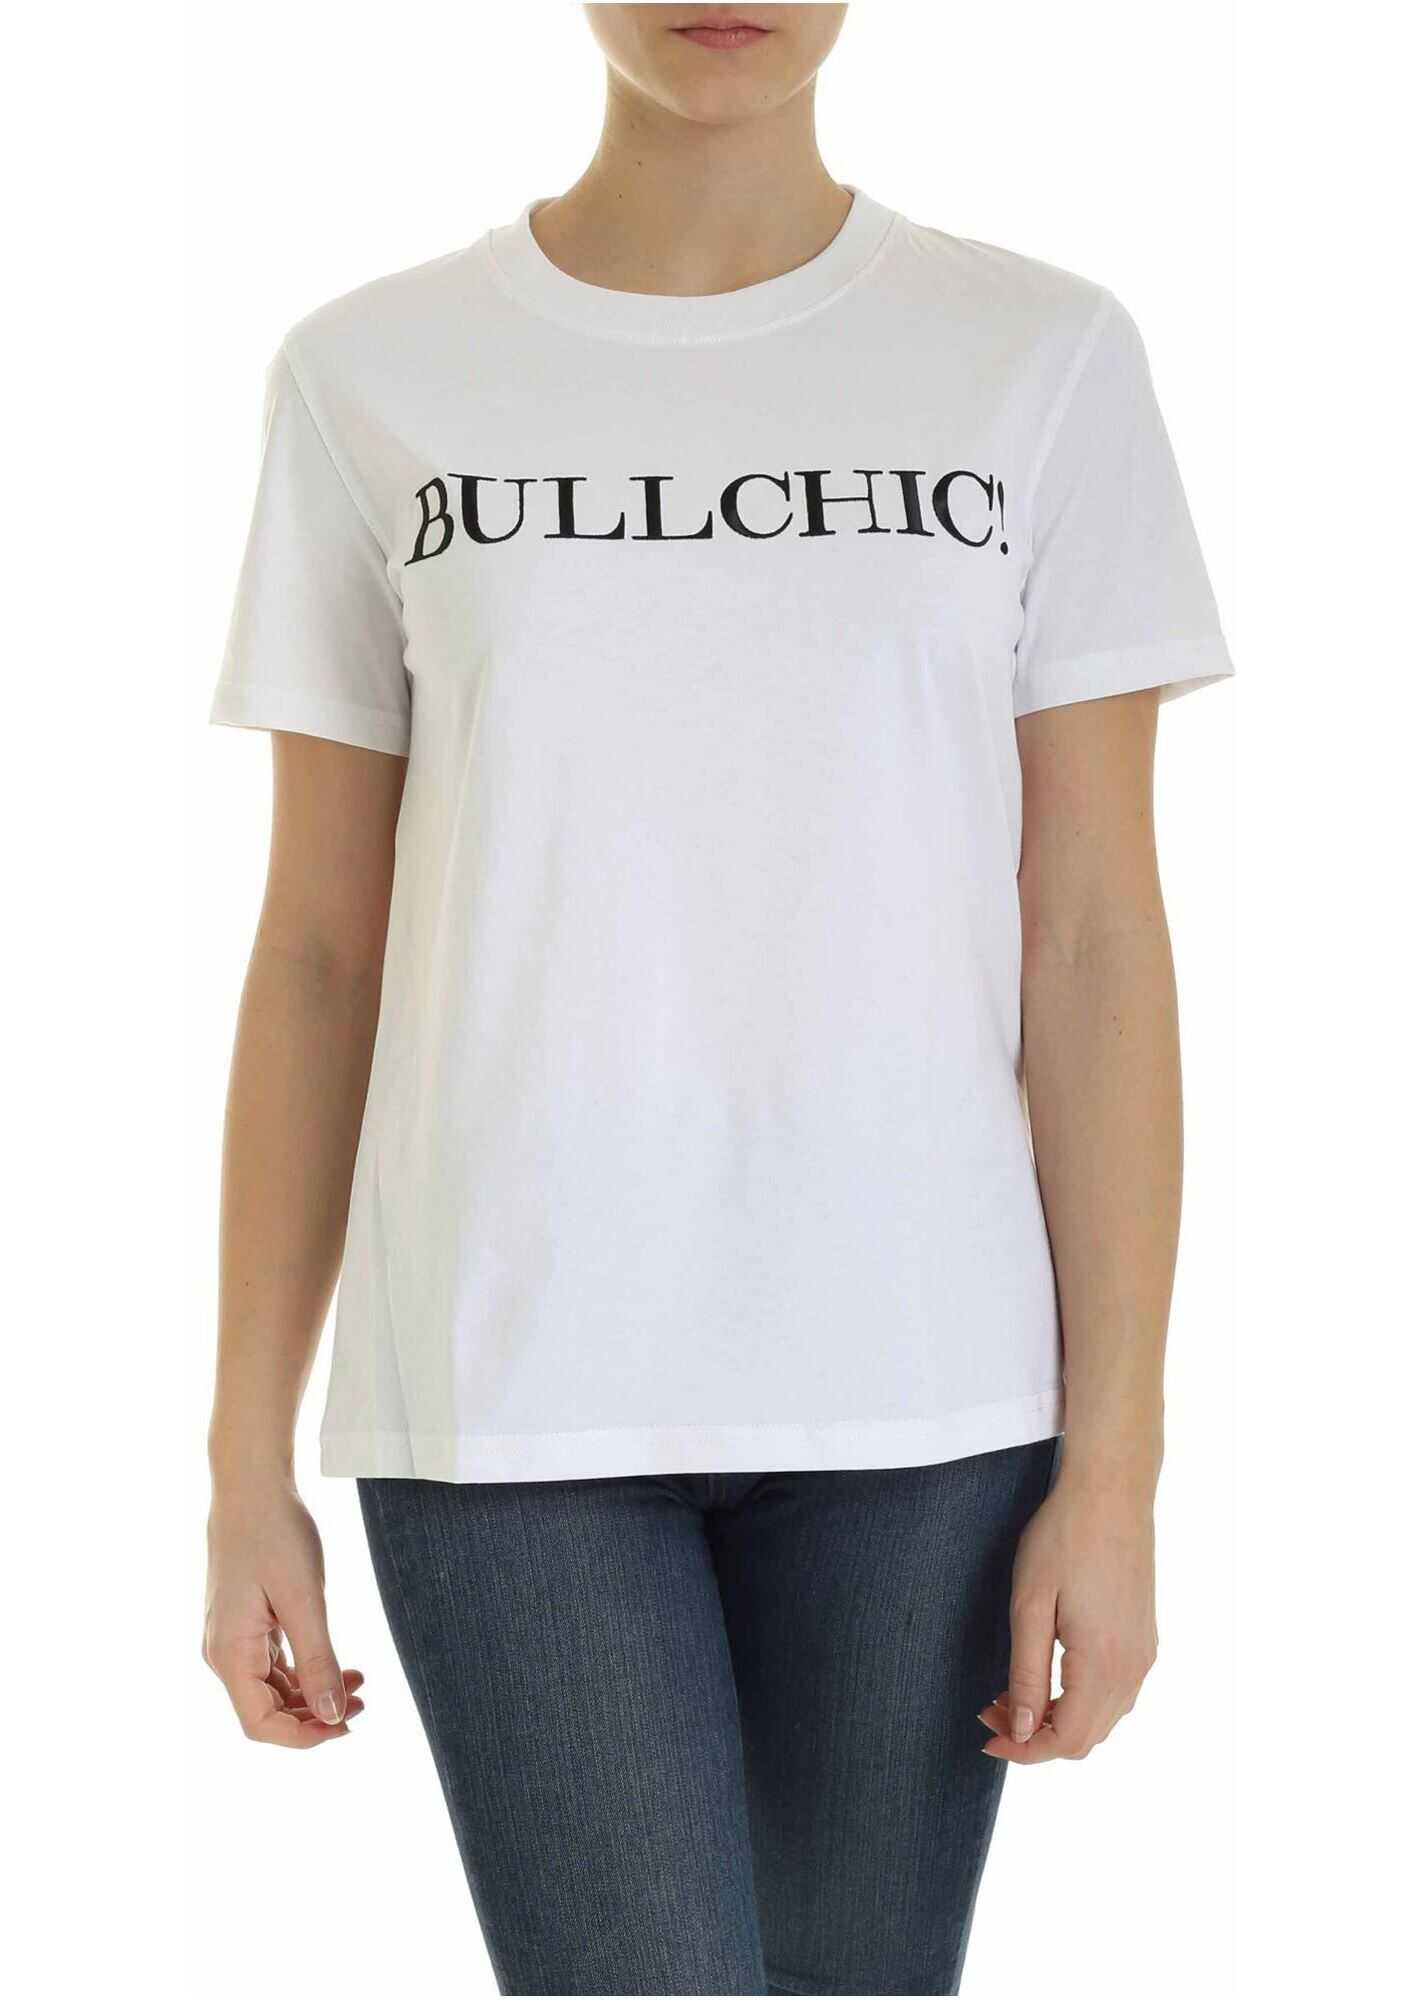 Moschino Bullchic T-Shirt In White White